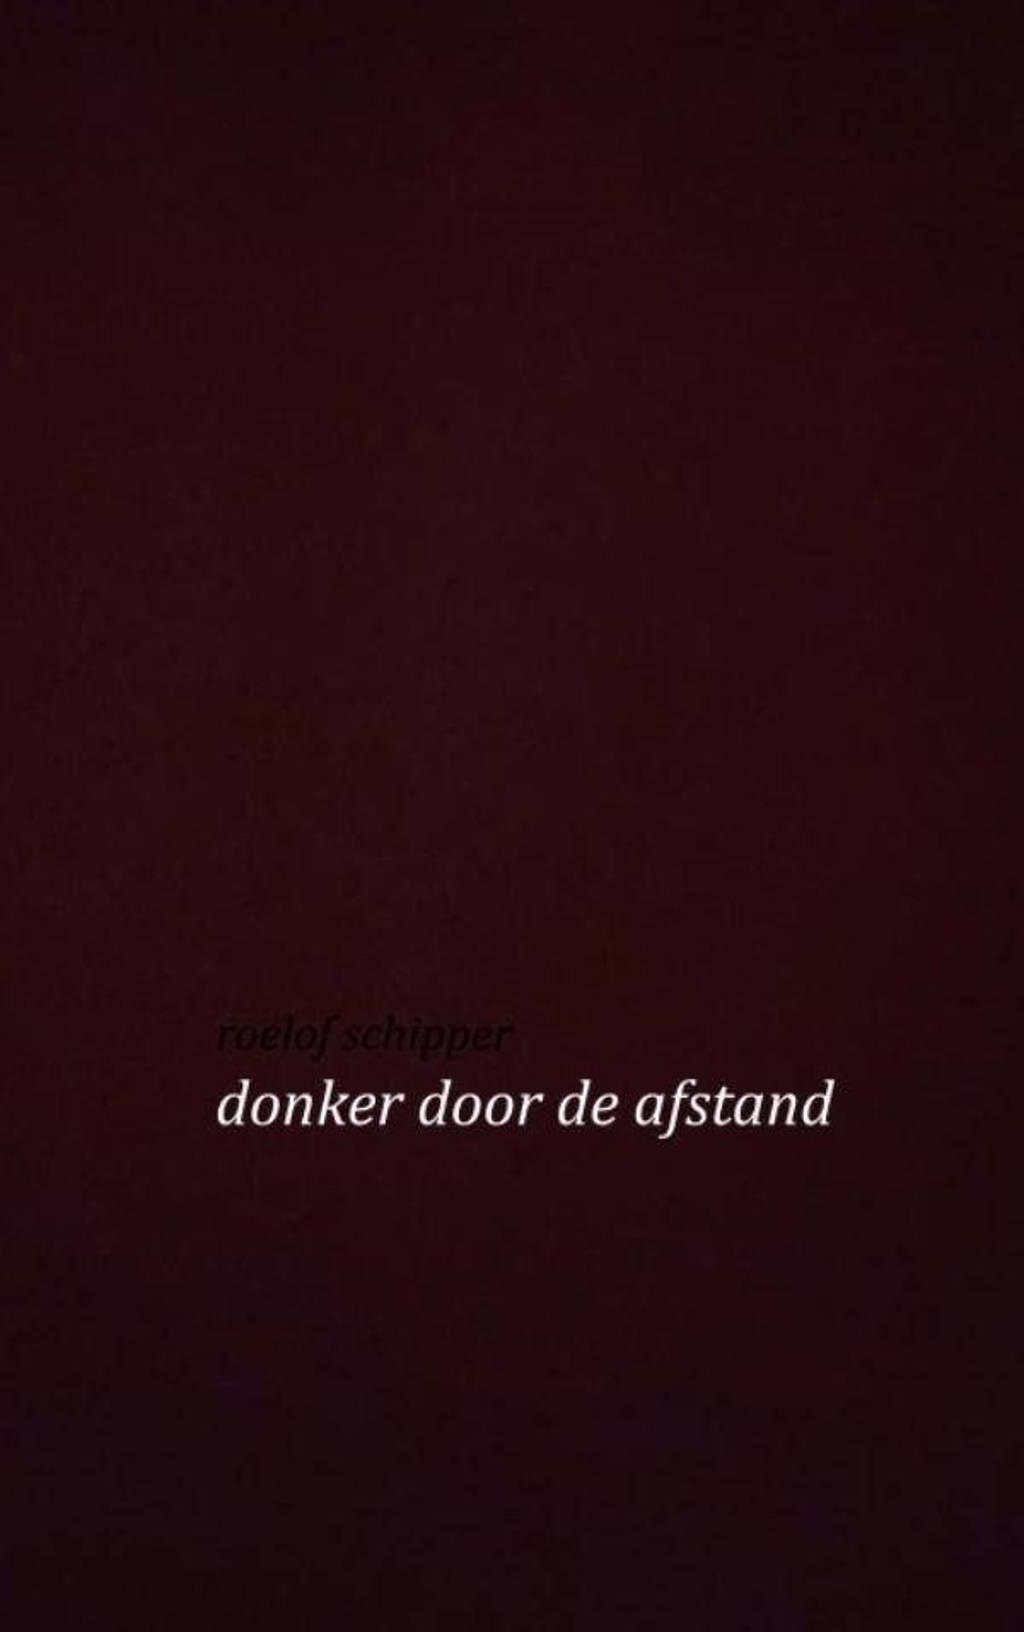 Donker door de afstand - Roelof Schipper